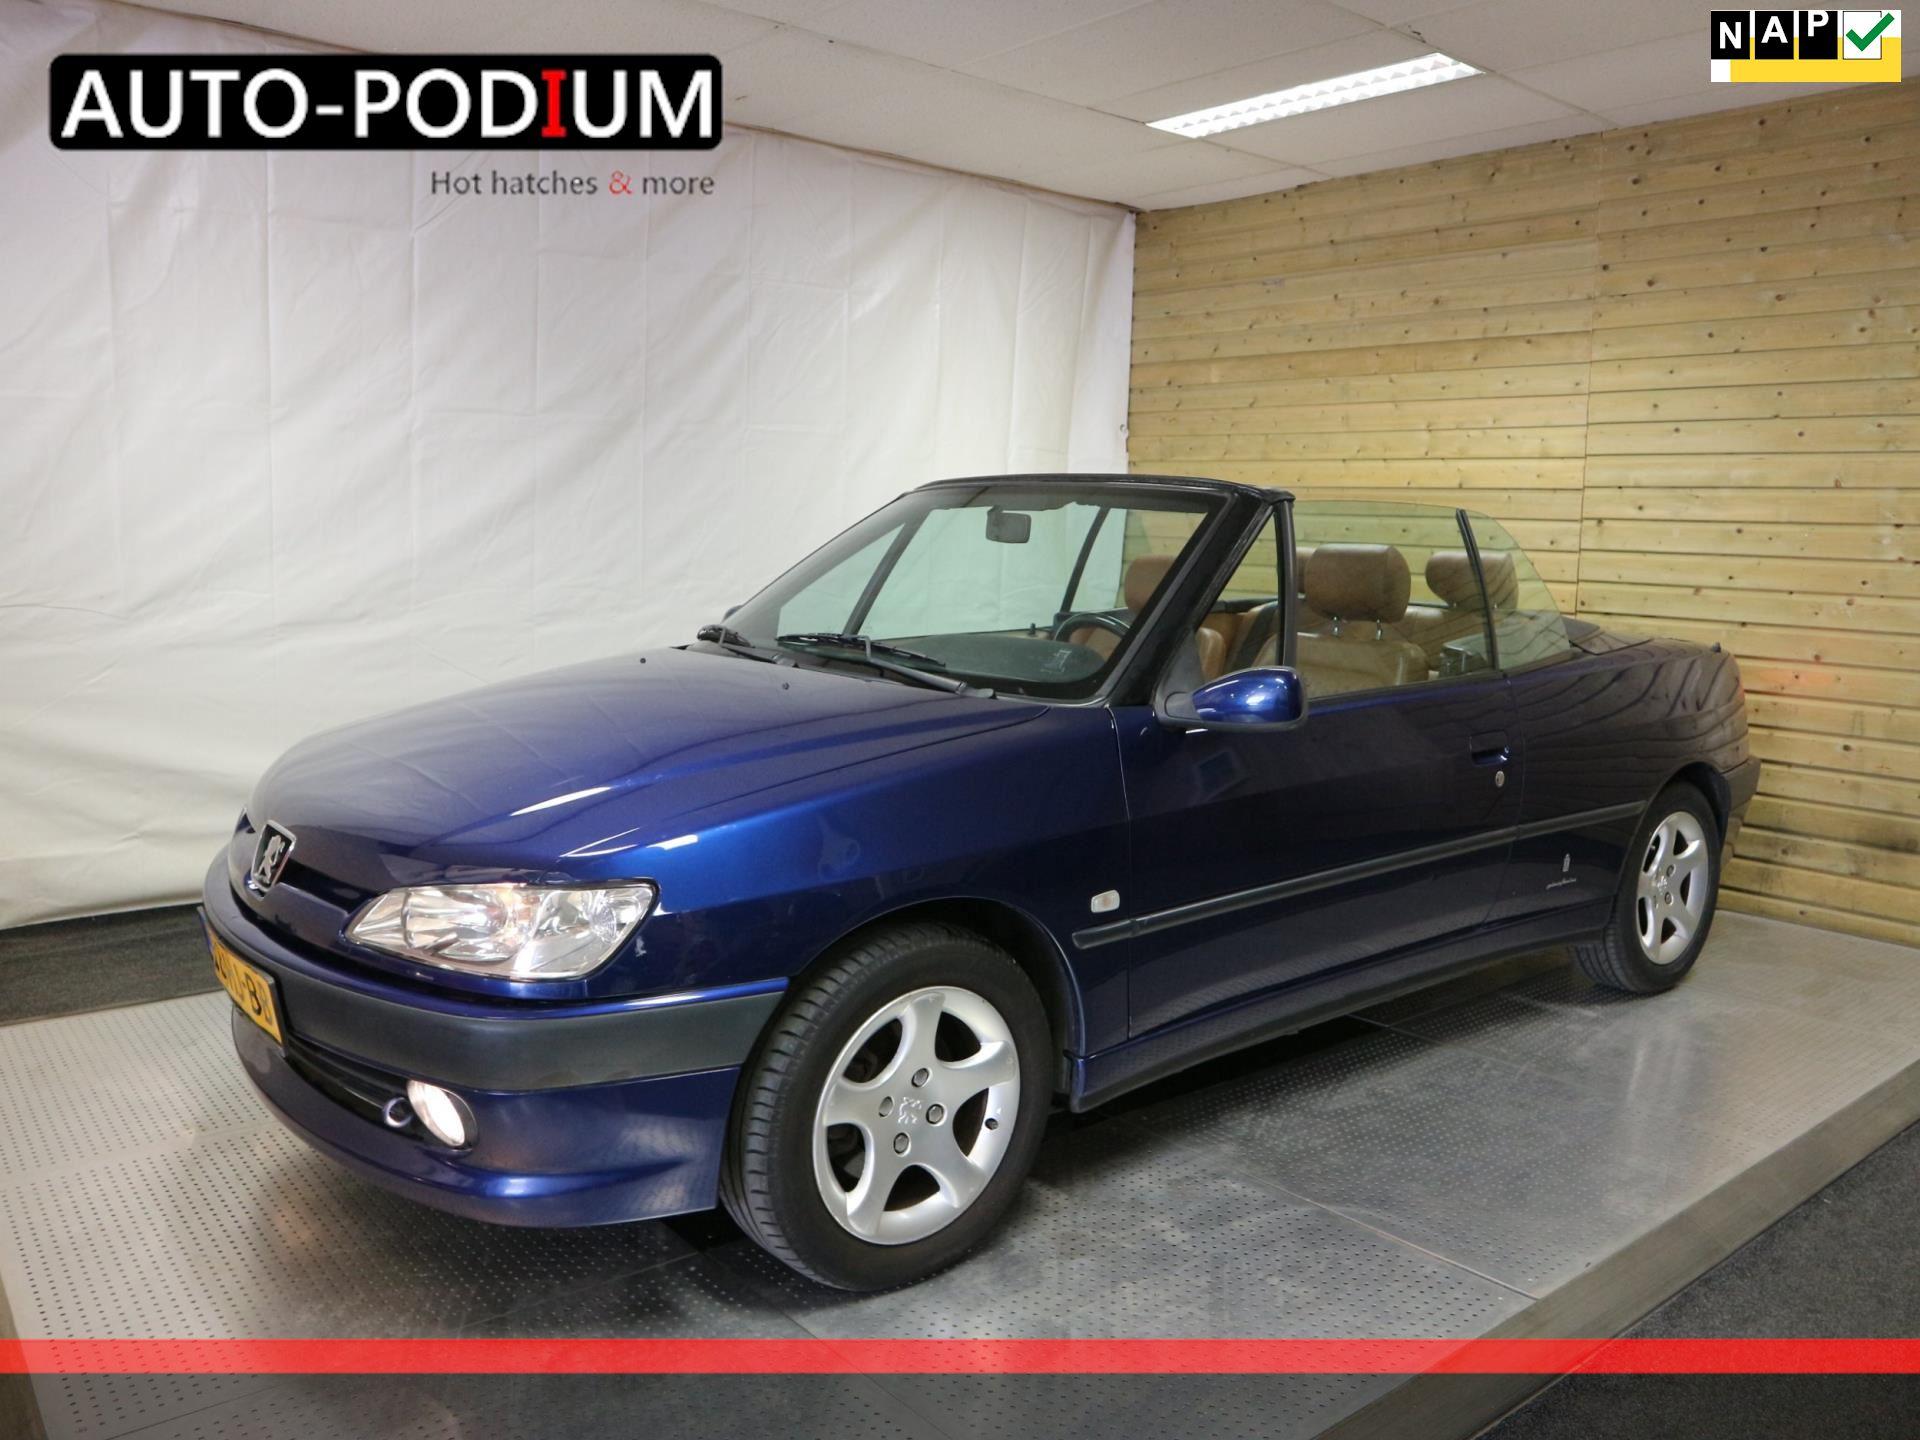 Peugeot 306 Cabriolet 1.8 16v occasion - Auto-Podium